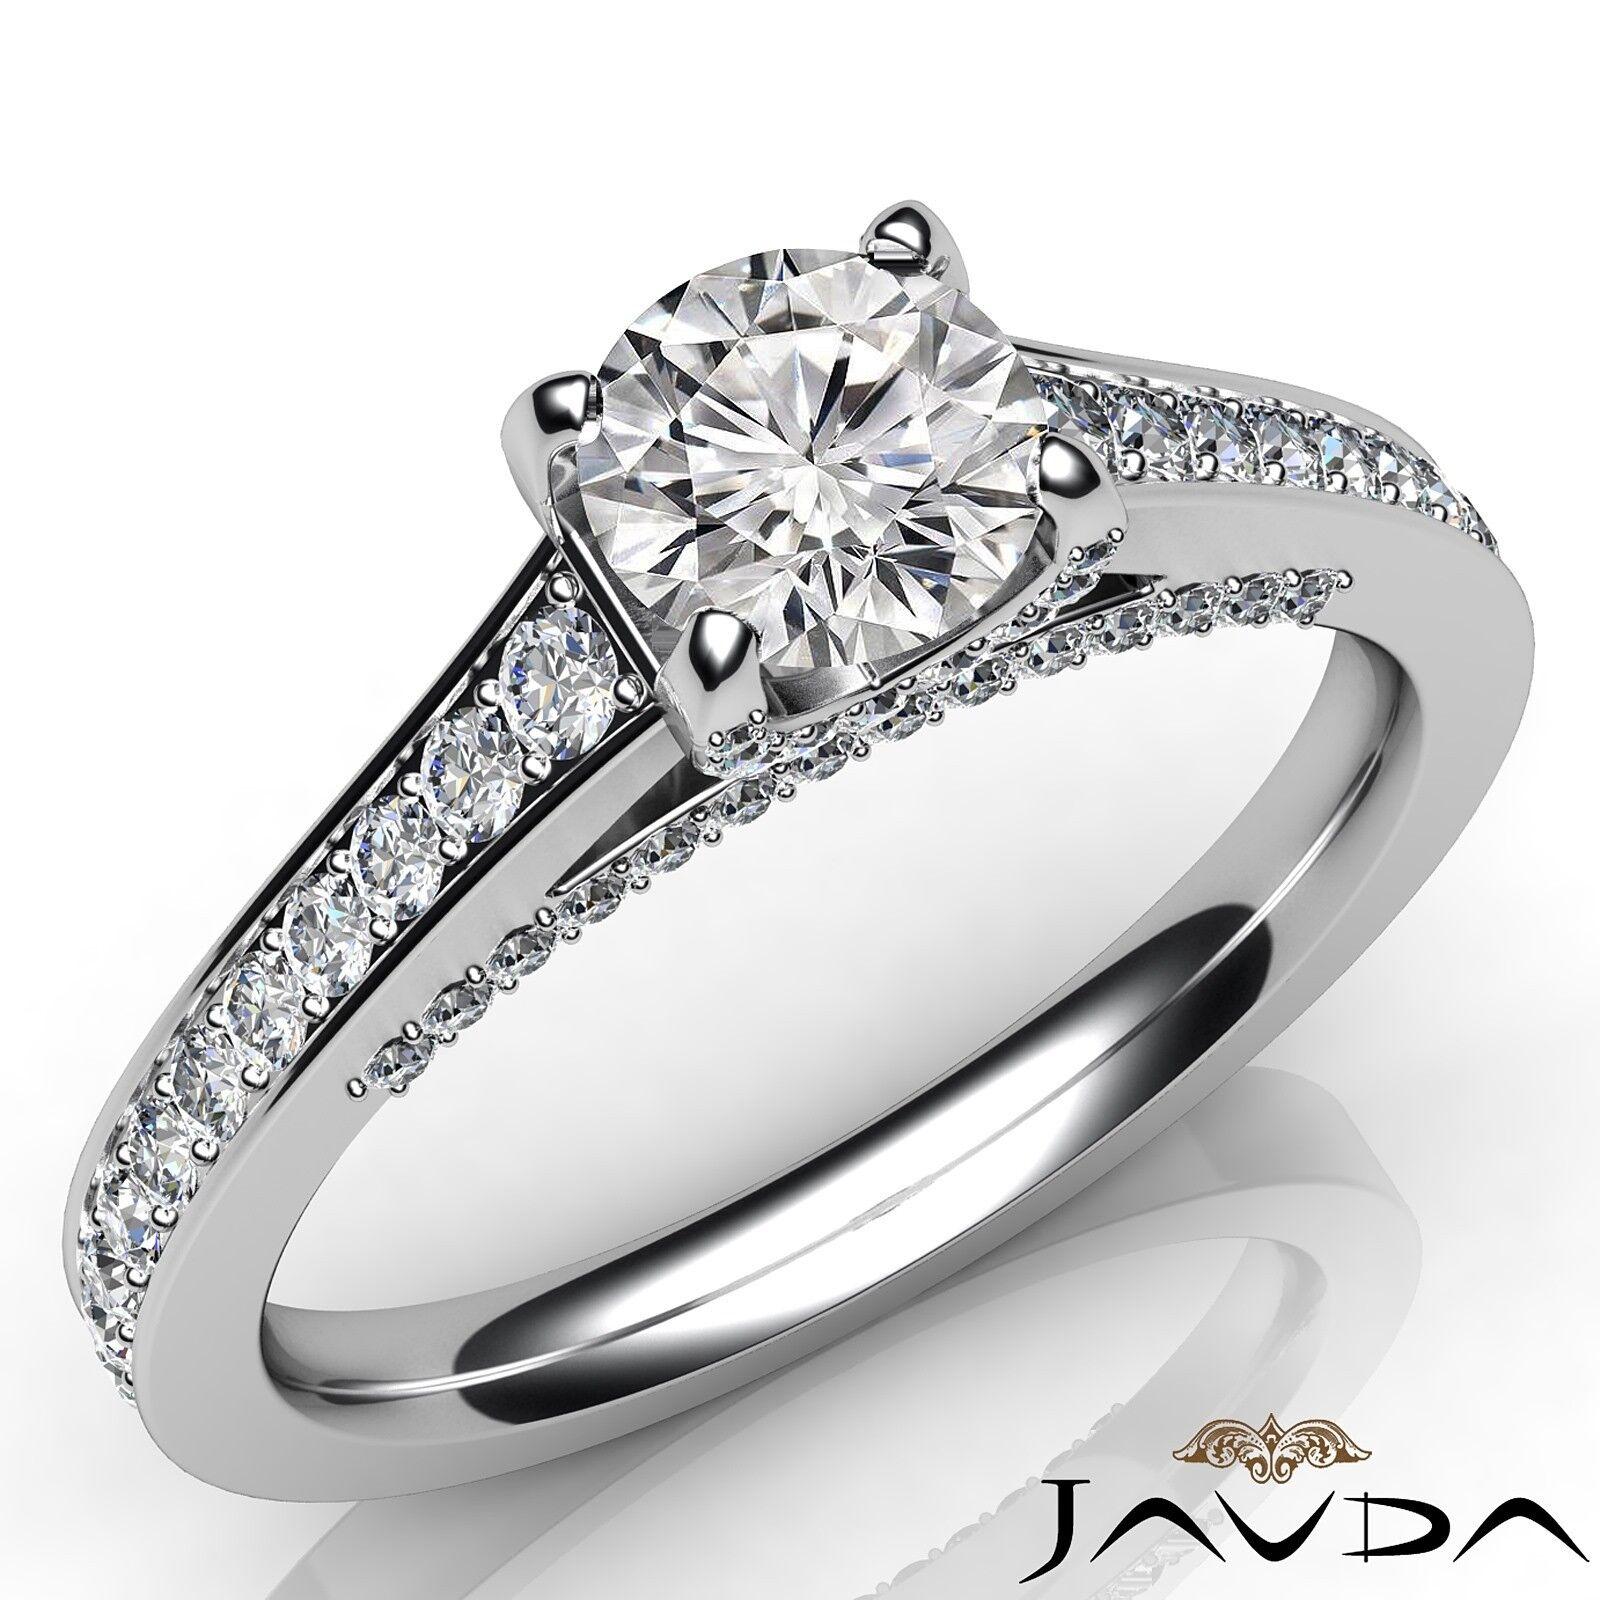 1.95ctw Micro Pave Round Diamond Engagement Ring GIA E-VS1 White Gold Women New